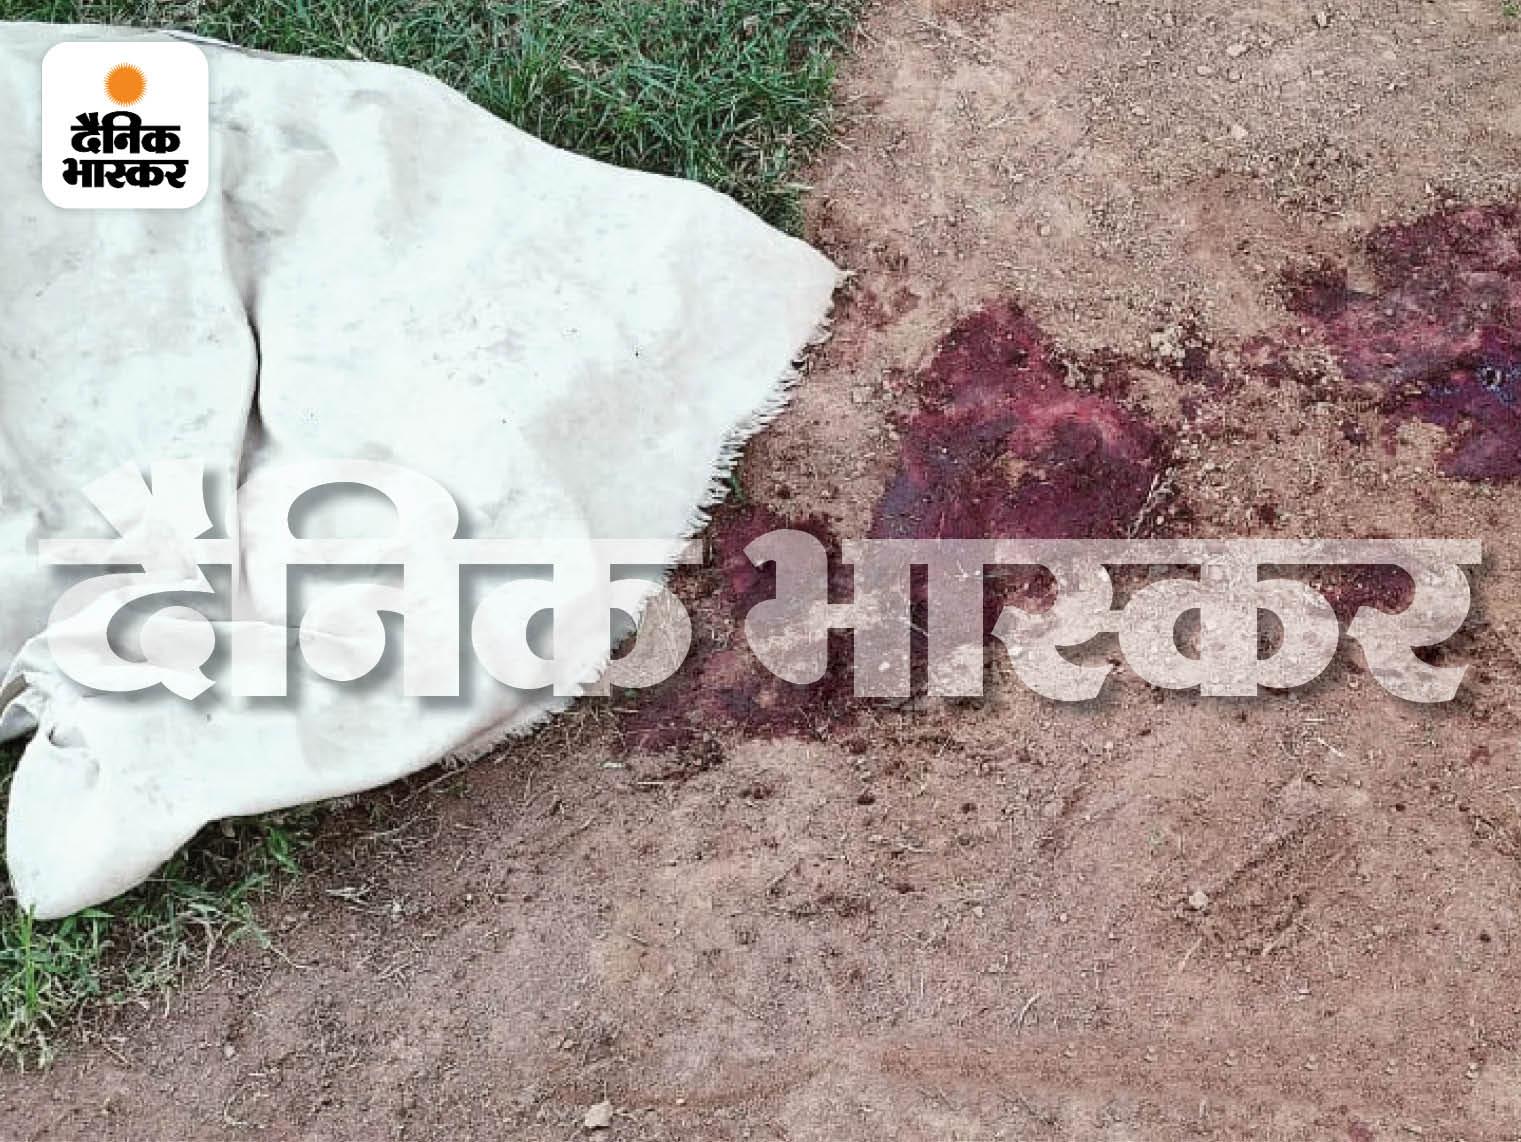 घर से 50 मीटर दूर मिला 10 साल के बच्चे का शव; ग्रामीणों ने चीखें सुनी, पर कोई बचाने नहीं गया छत्तीसगढ़,Chhattisgarh - Dainik Bhaskar